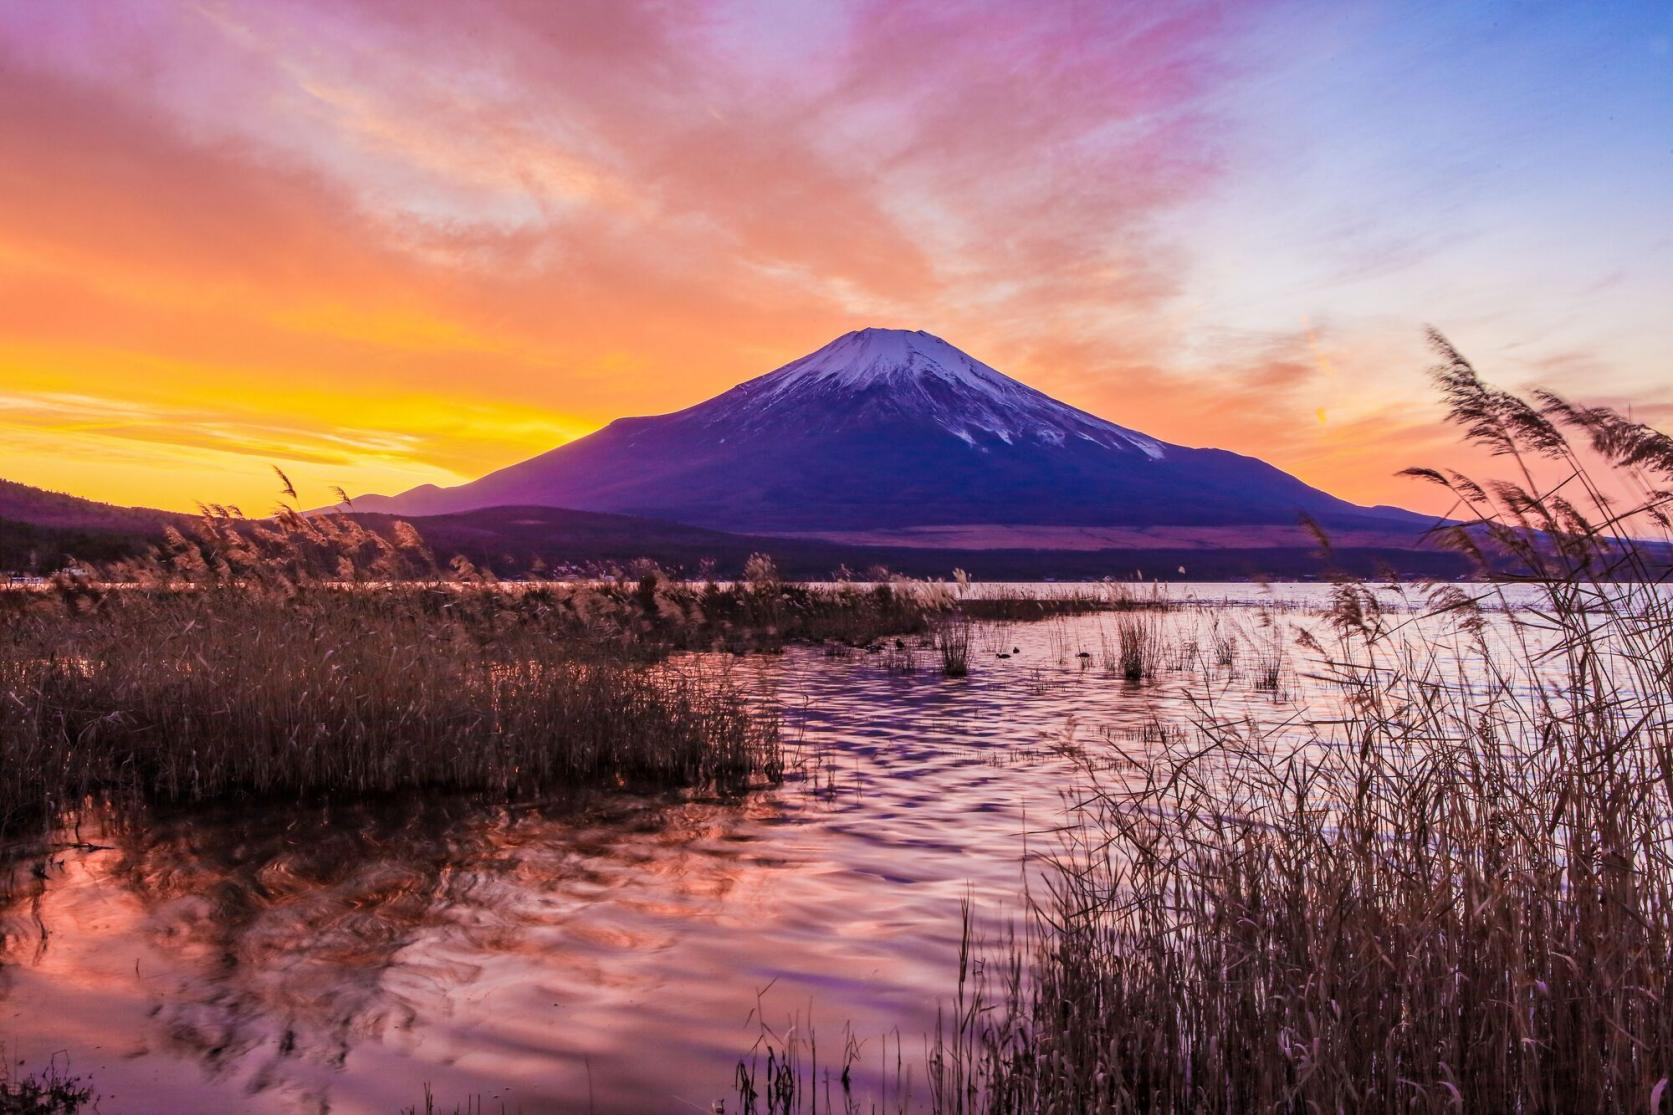 湖と富士山が織りなす四季折々の絶景-5